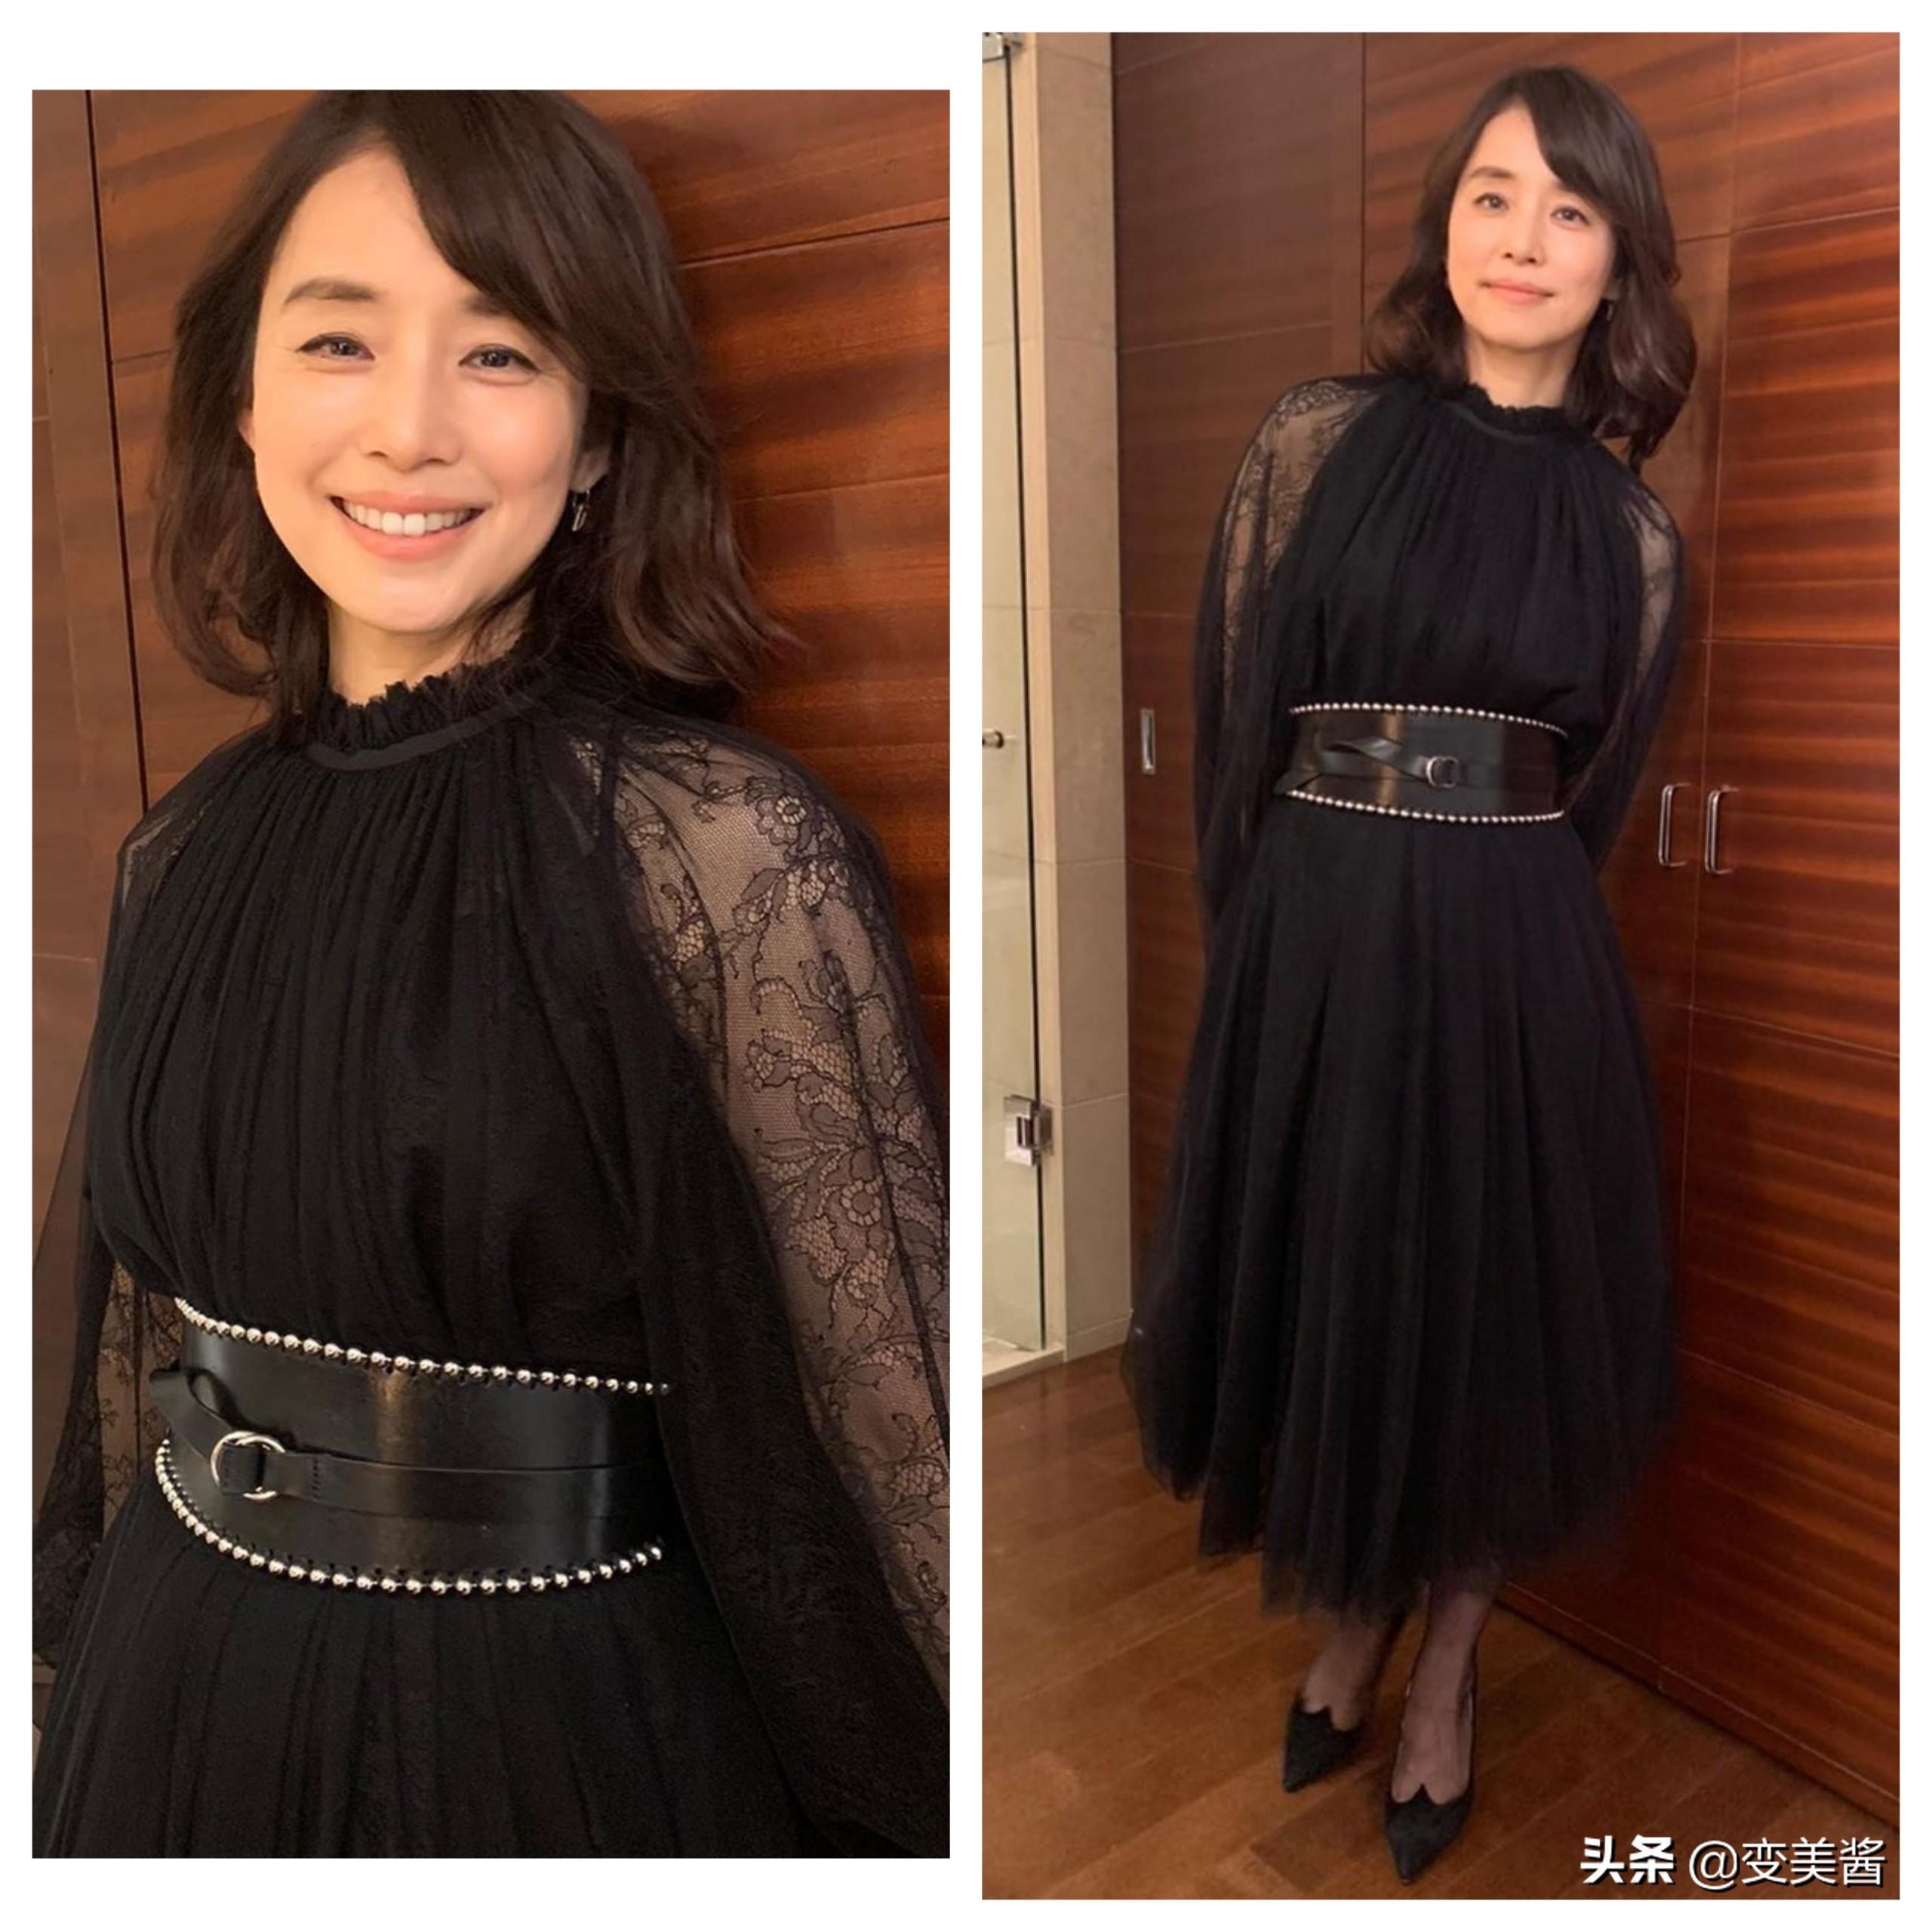 51岁的石田百合子真会穿!日常穿搭知性又优雅,不愧为冻龄女神